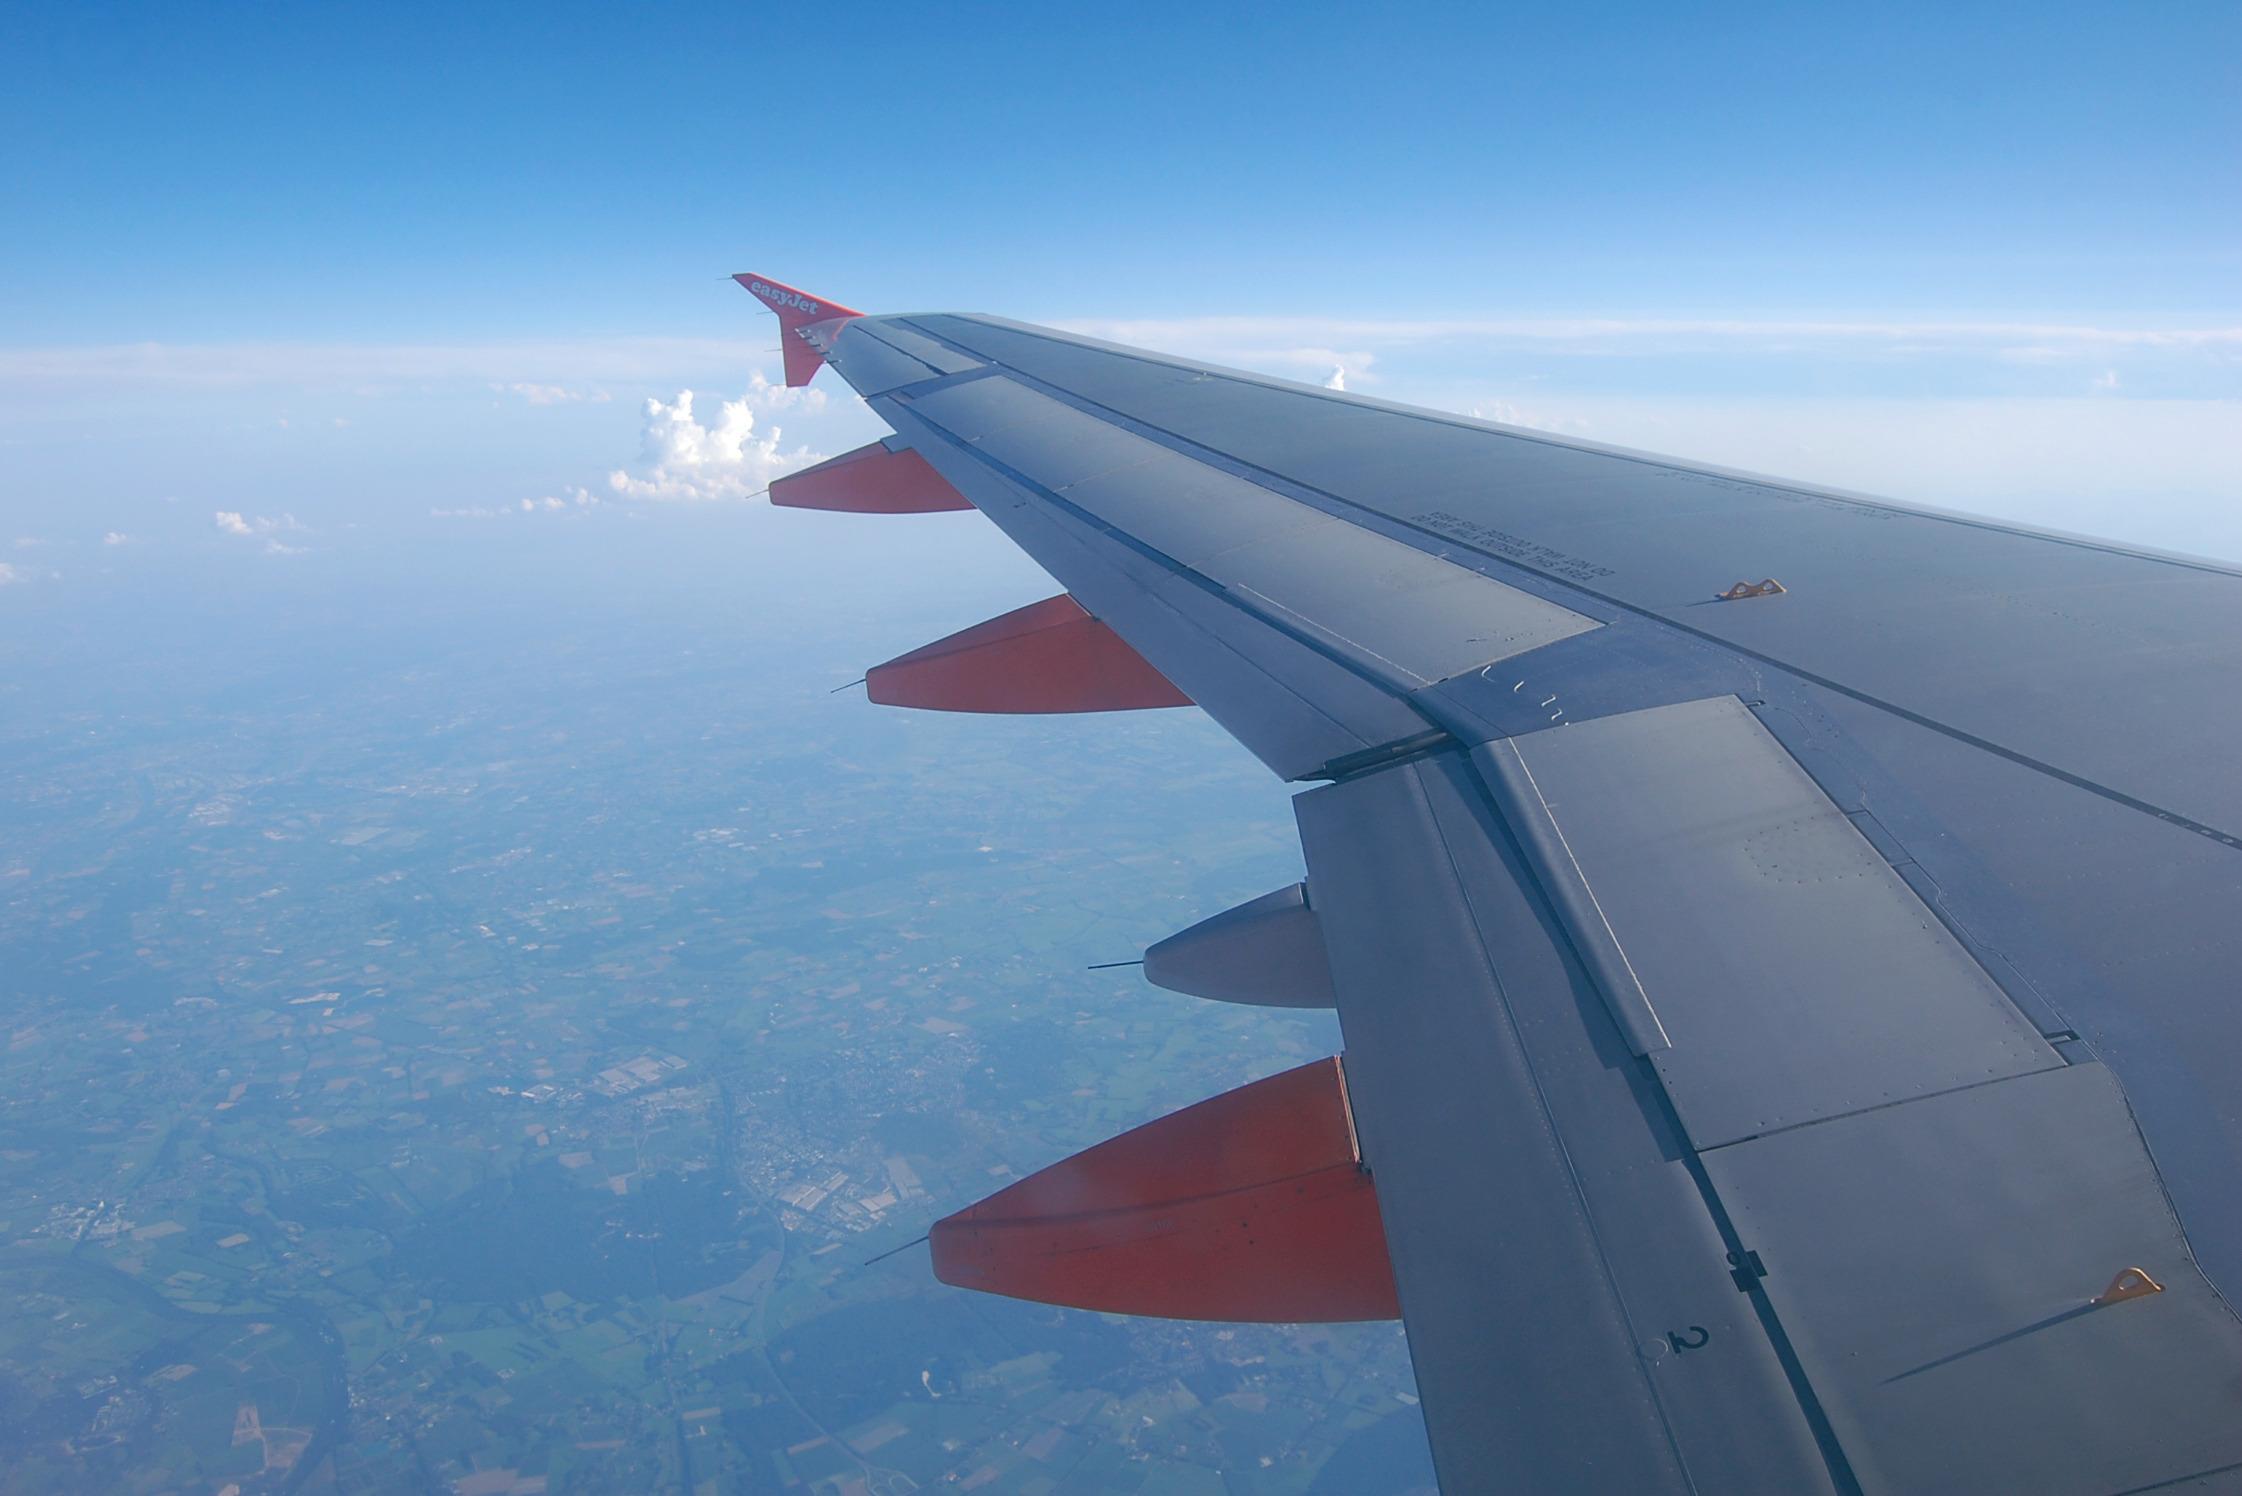 Flugzeug_Flügel_Tragfläche